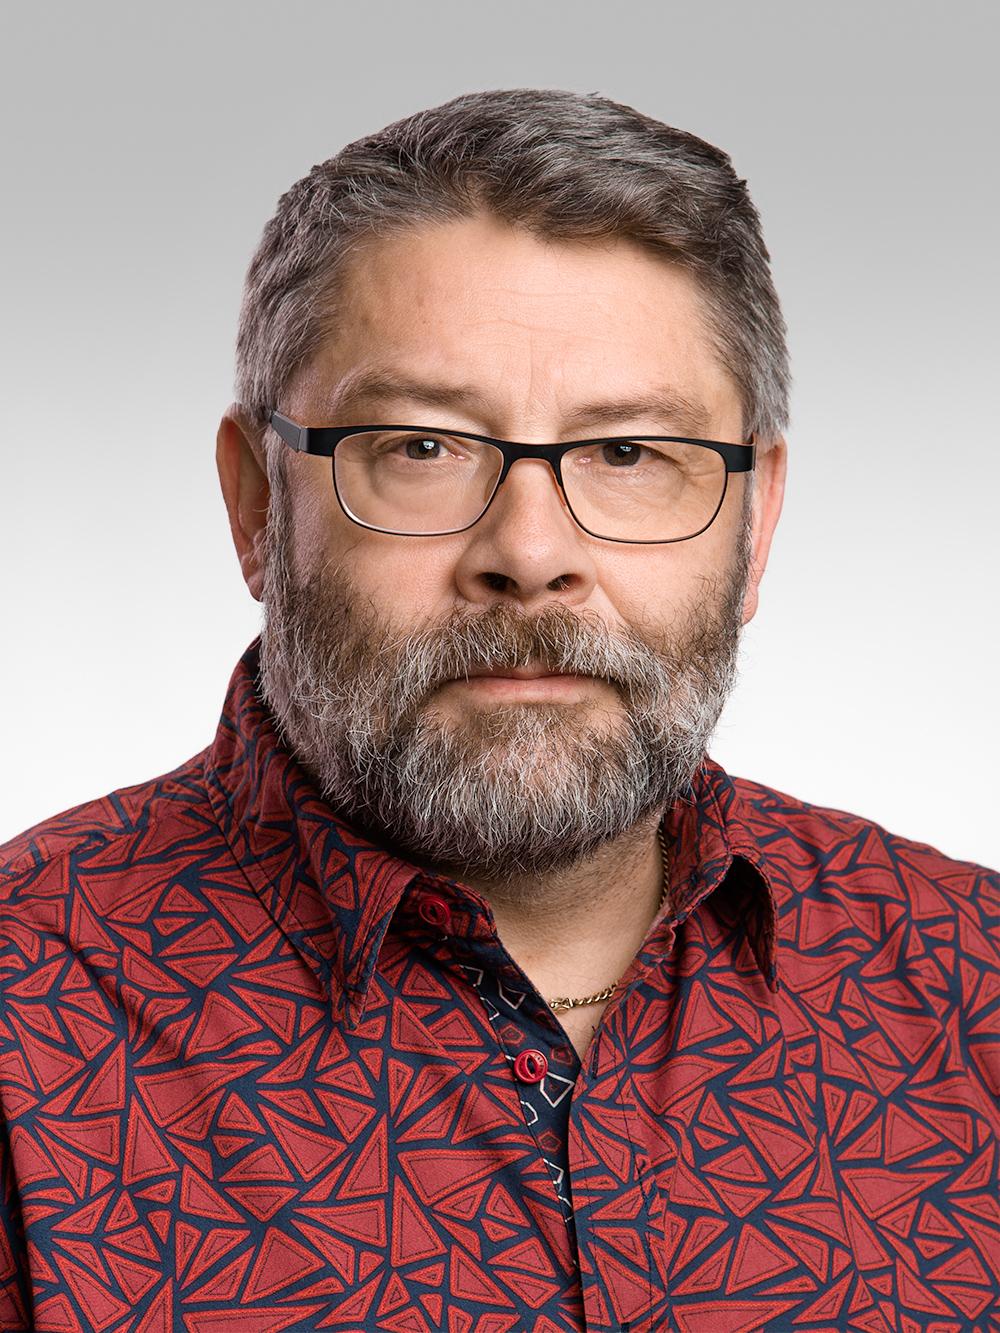 Kari Kröger